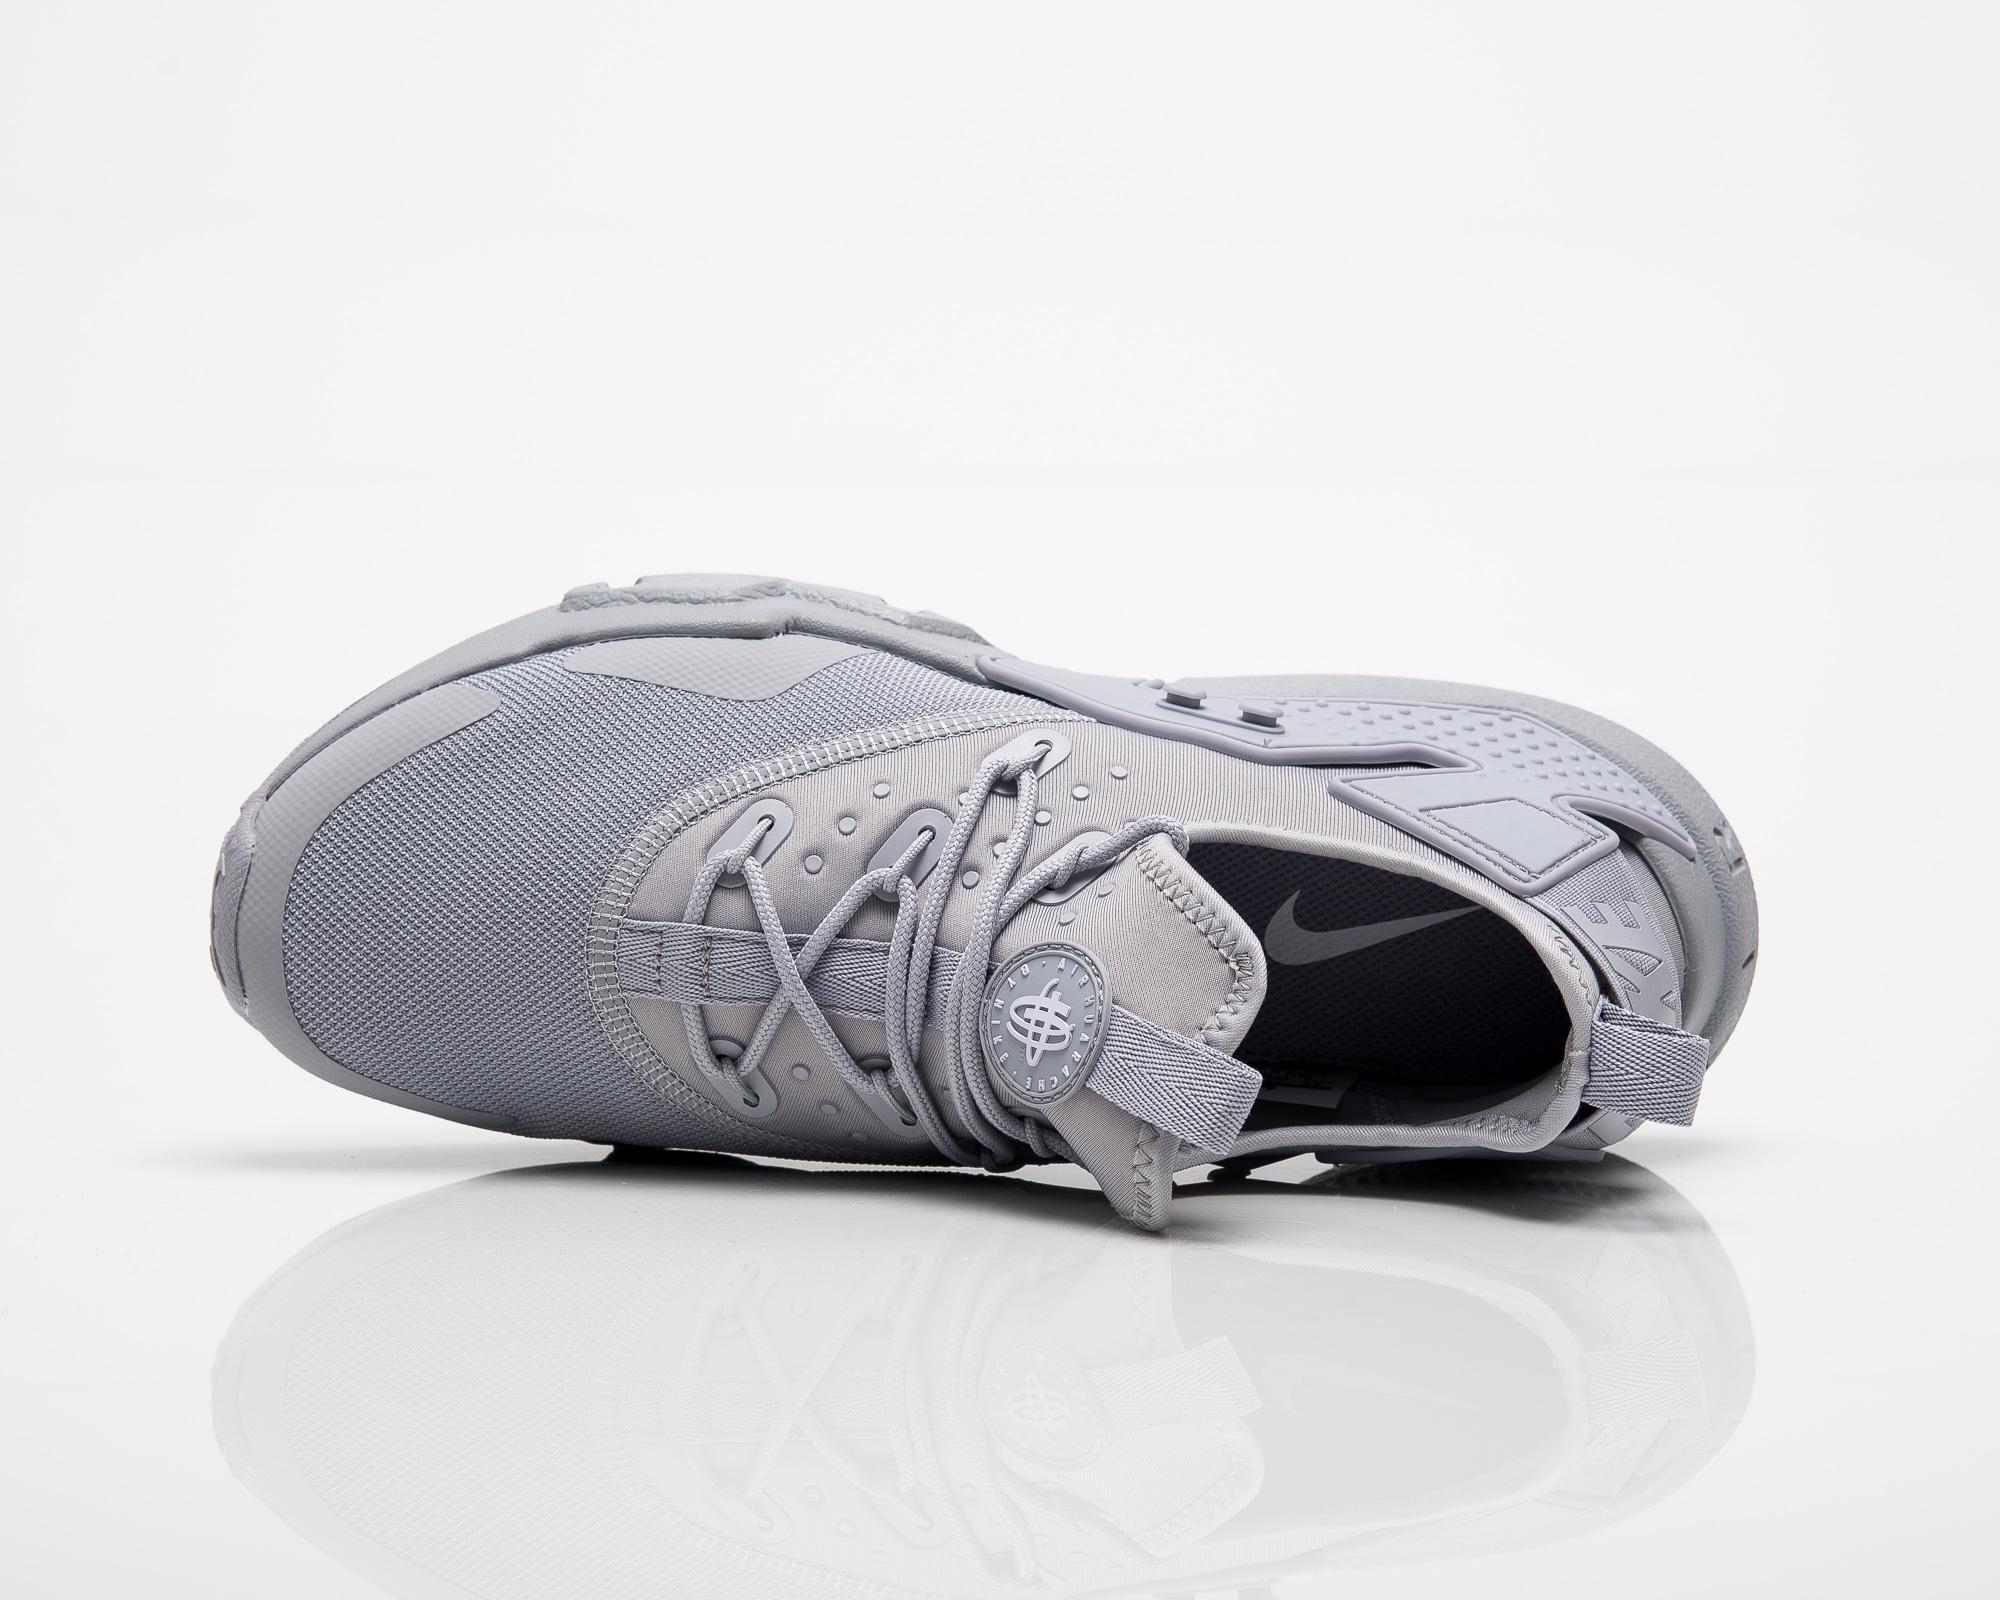 d560d12e927fb Nike Air Huarache Drift - Shoes Casual - Sporting goods